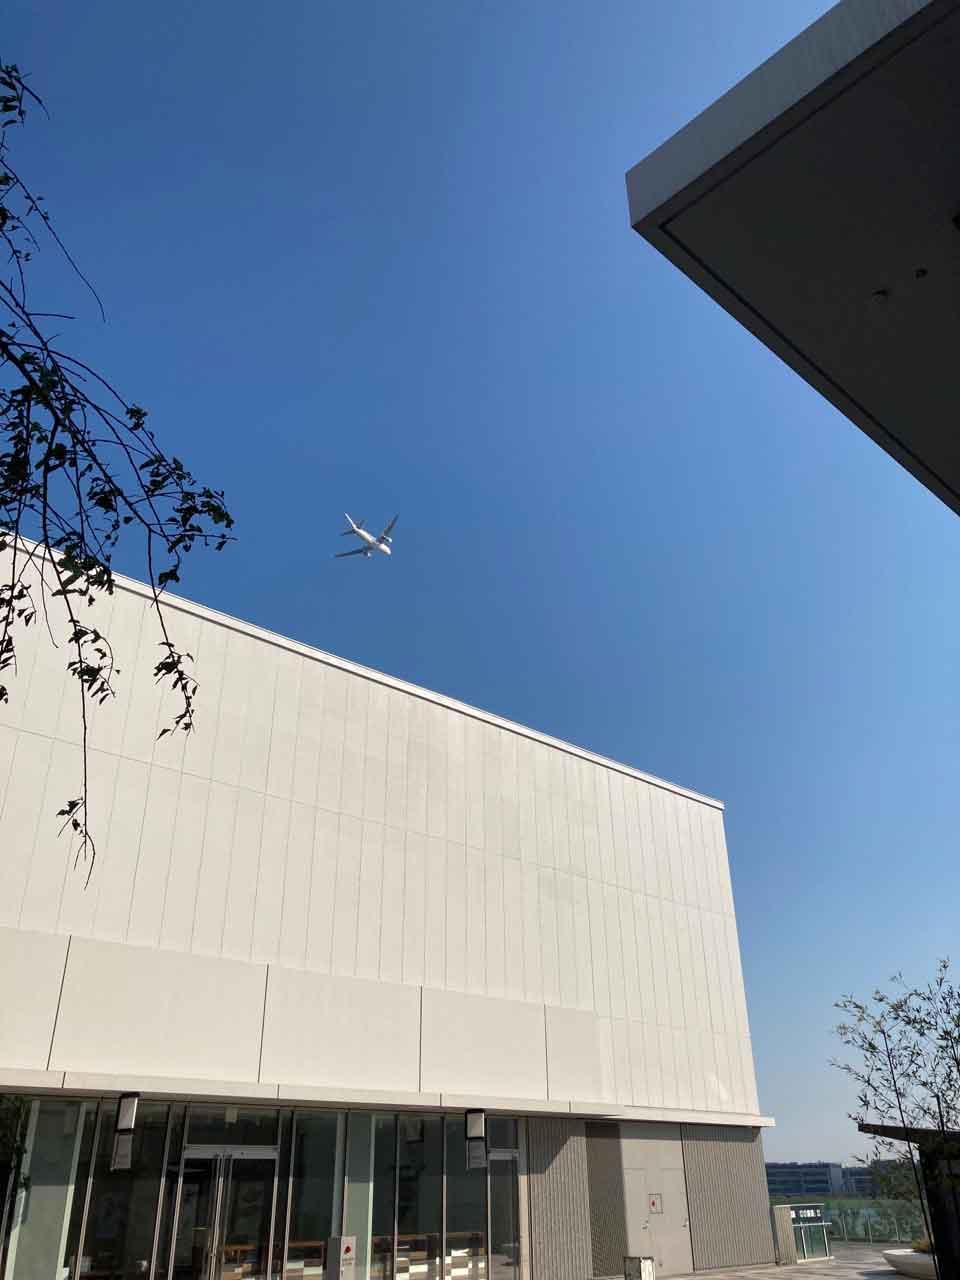 羽田エアポートガーデンと相性の良いスポット